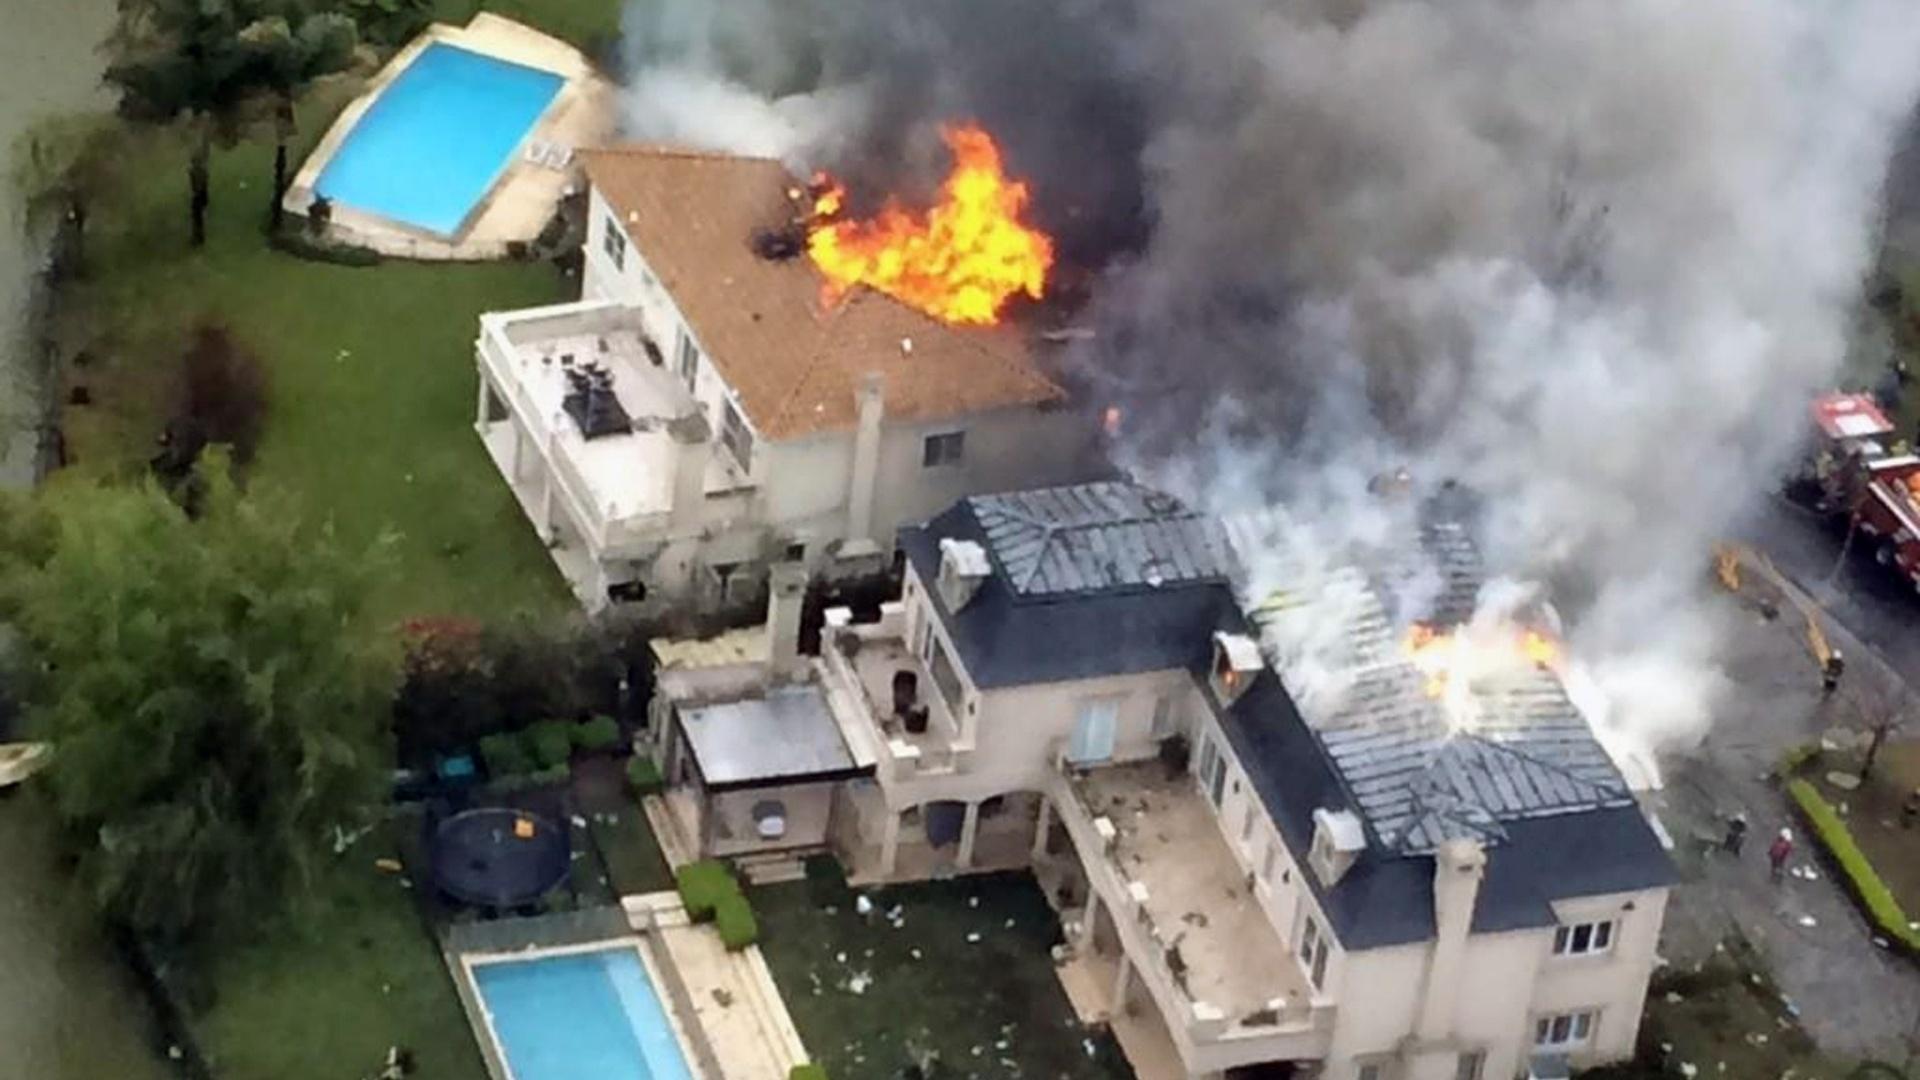 14.set.2014 - Casas pegam fogo após um acidente aéreo em um condomínio fechado em Tigre, no norte da província de Buenos Aires, na Argentina, neste domingo (14). Ao menos uma pessoa morreu e outra ficou seriamente ferida após o acidente